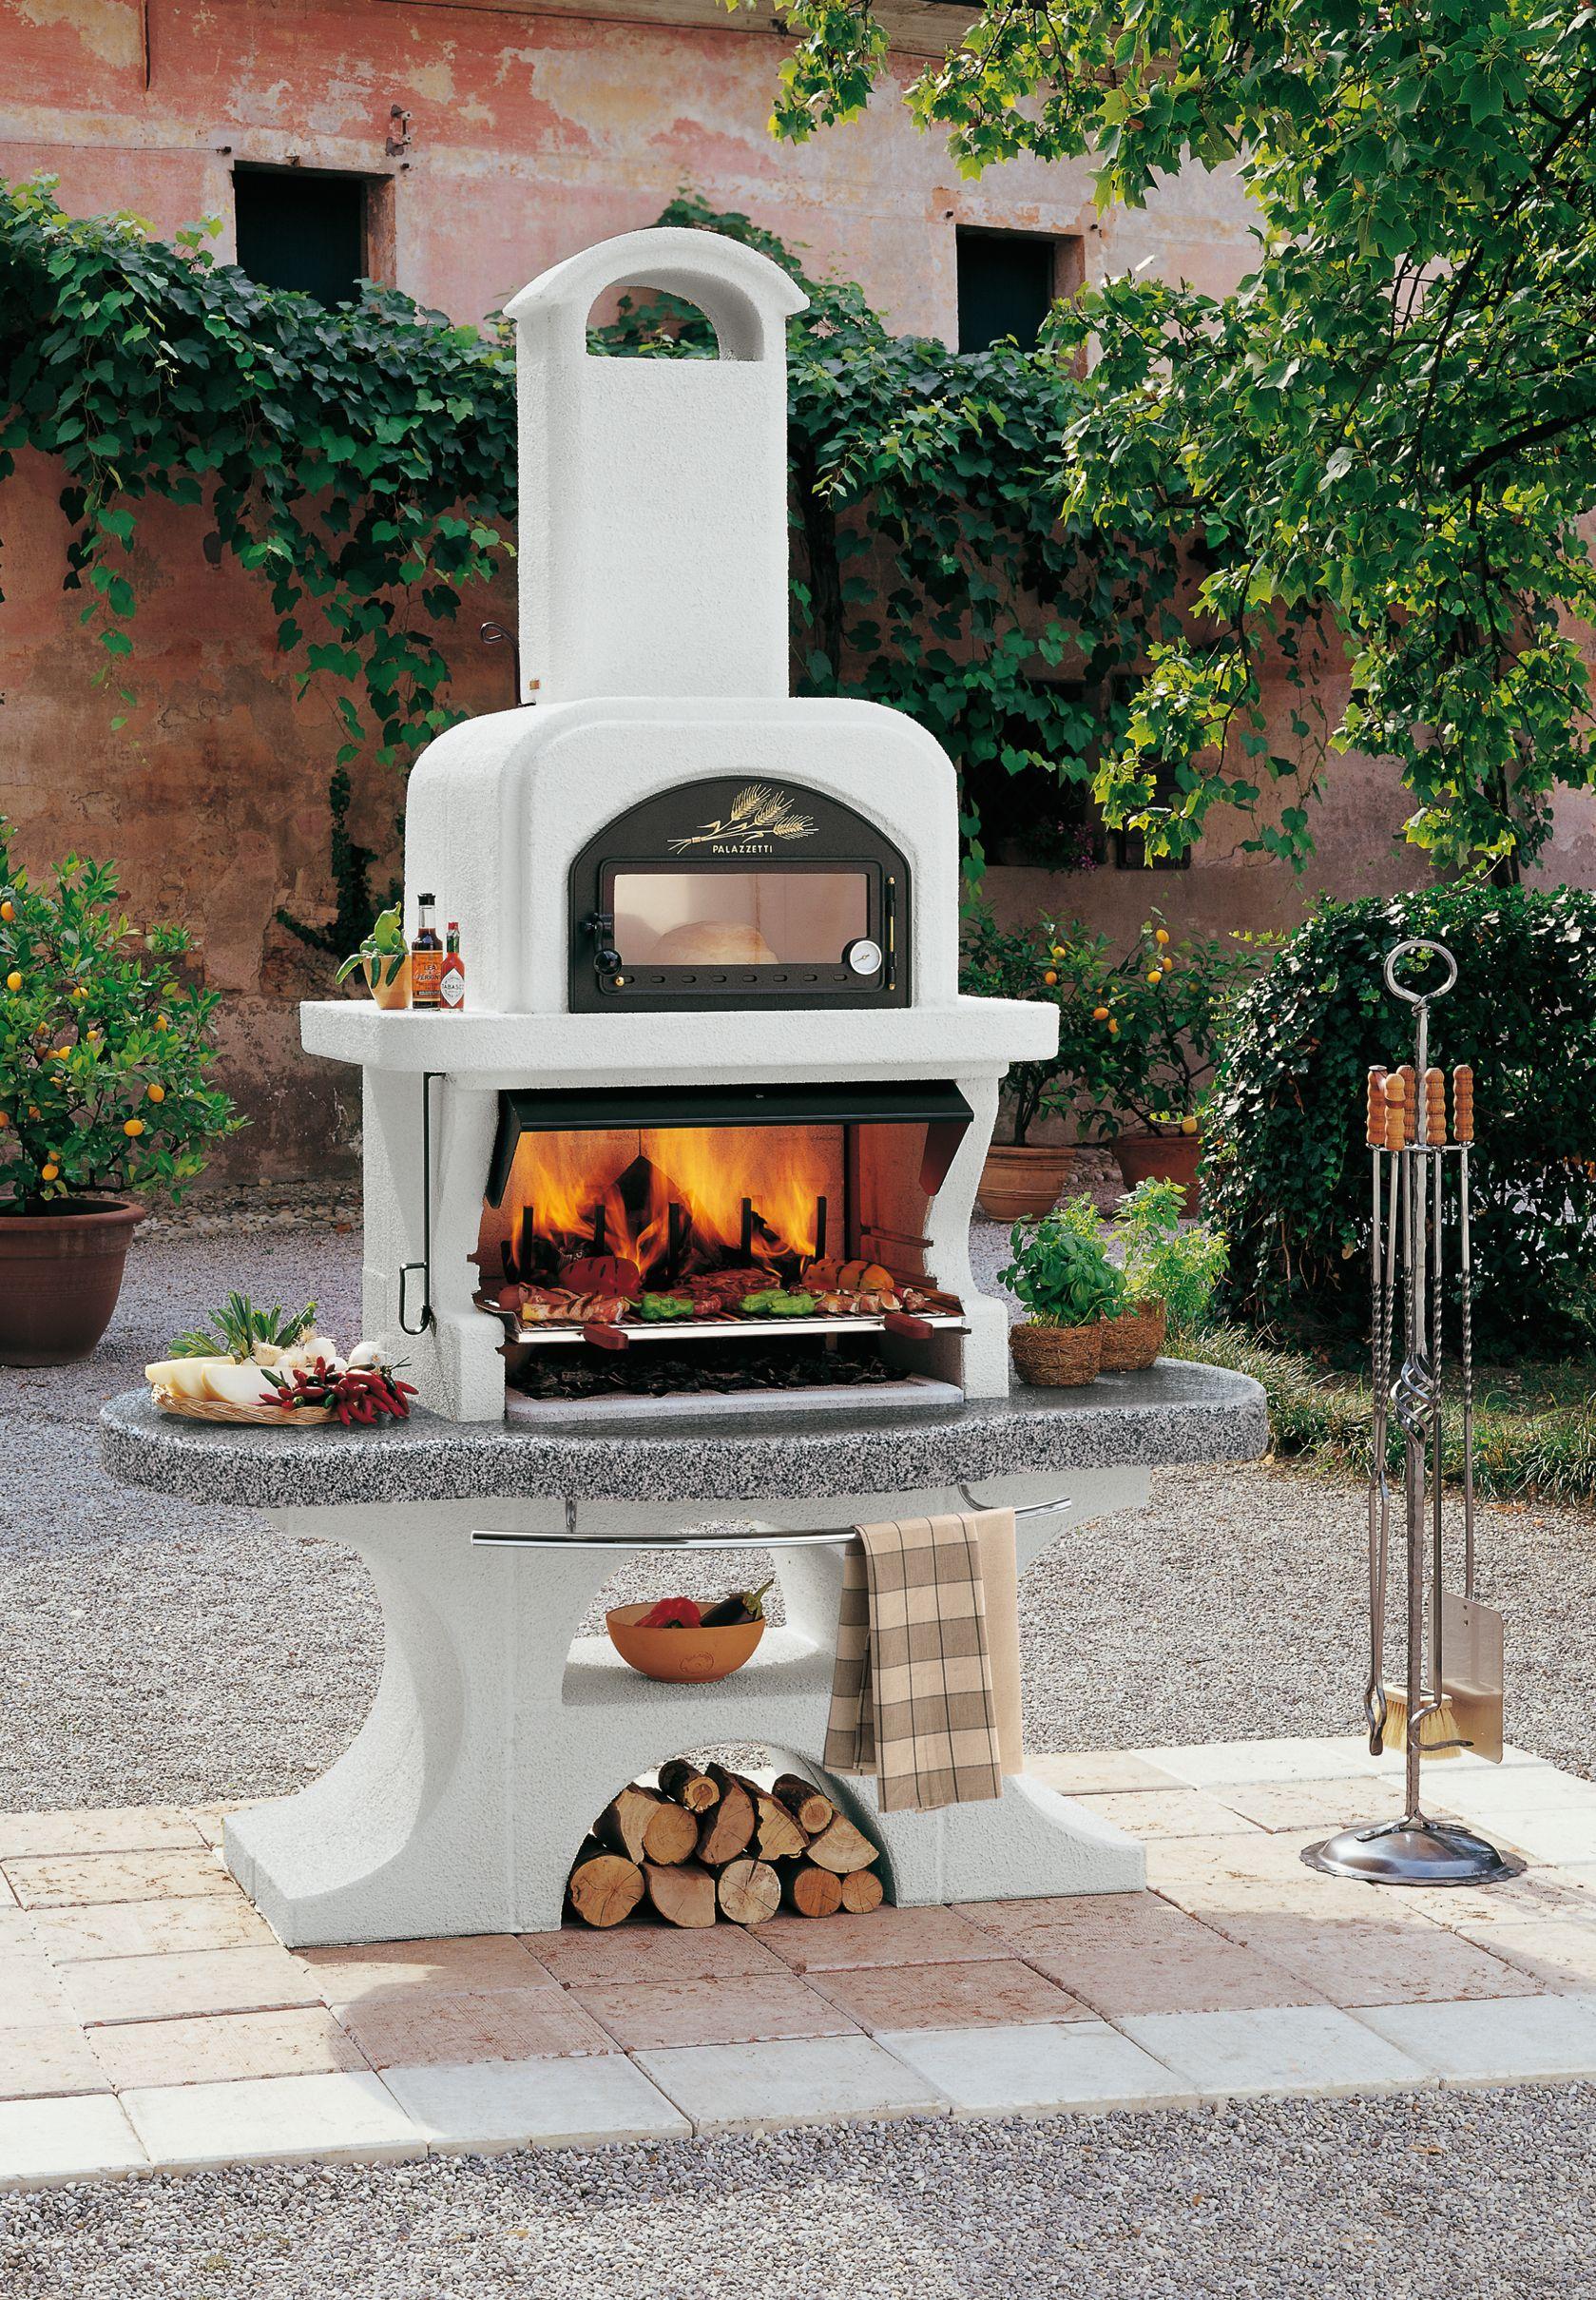 Comitale Ag Aadorf Wir Sind Feuer Und Flamme Fur Kamine Und Ofen Grillkamin Pizzaofen Garten Gartenkamin Grill